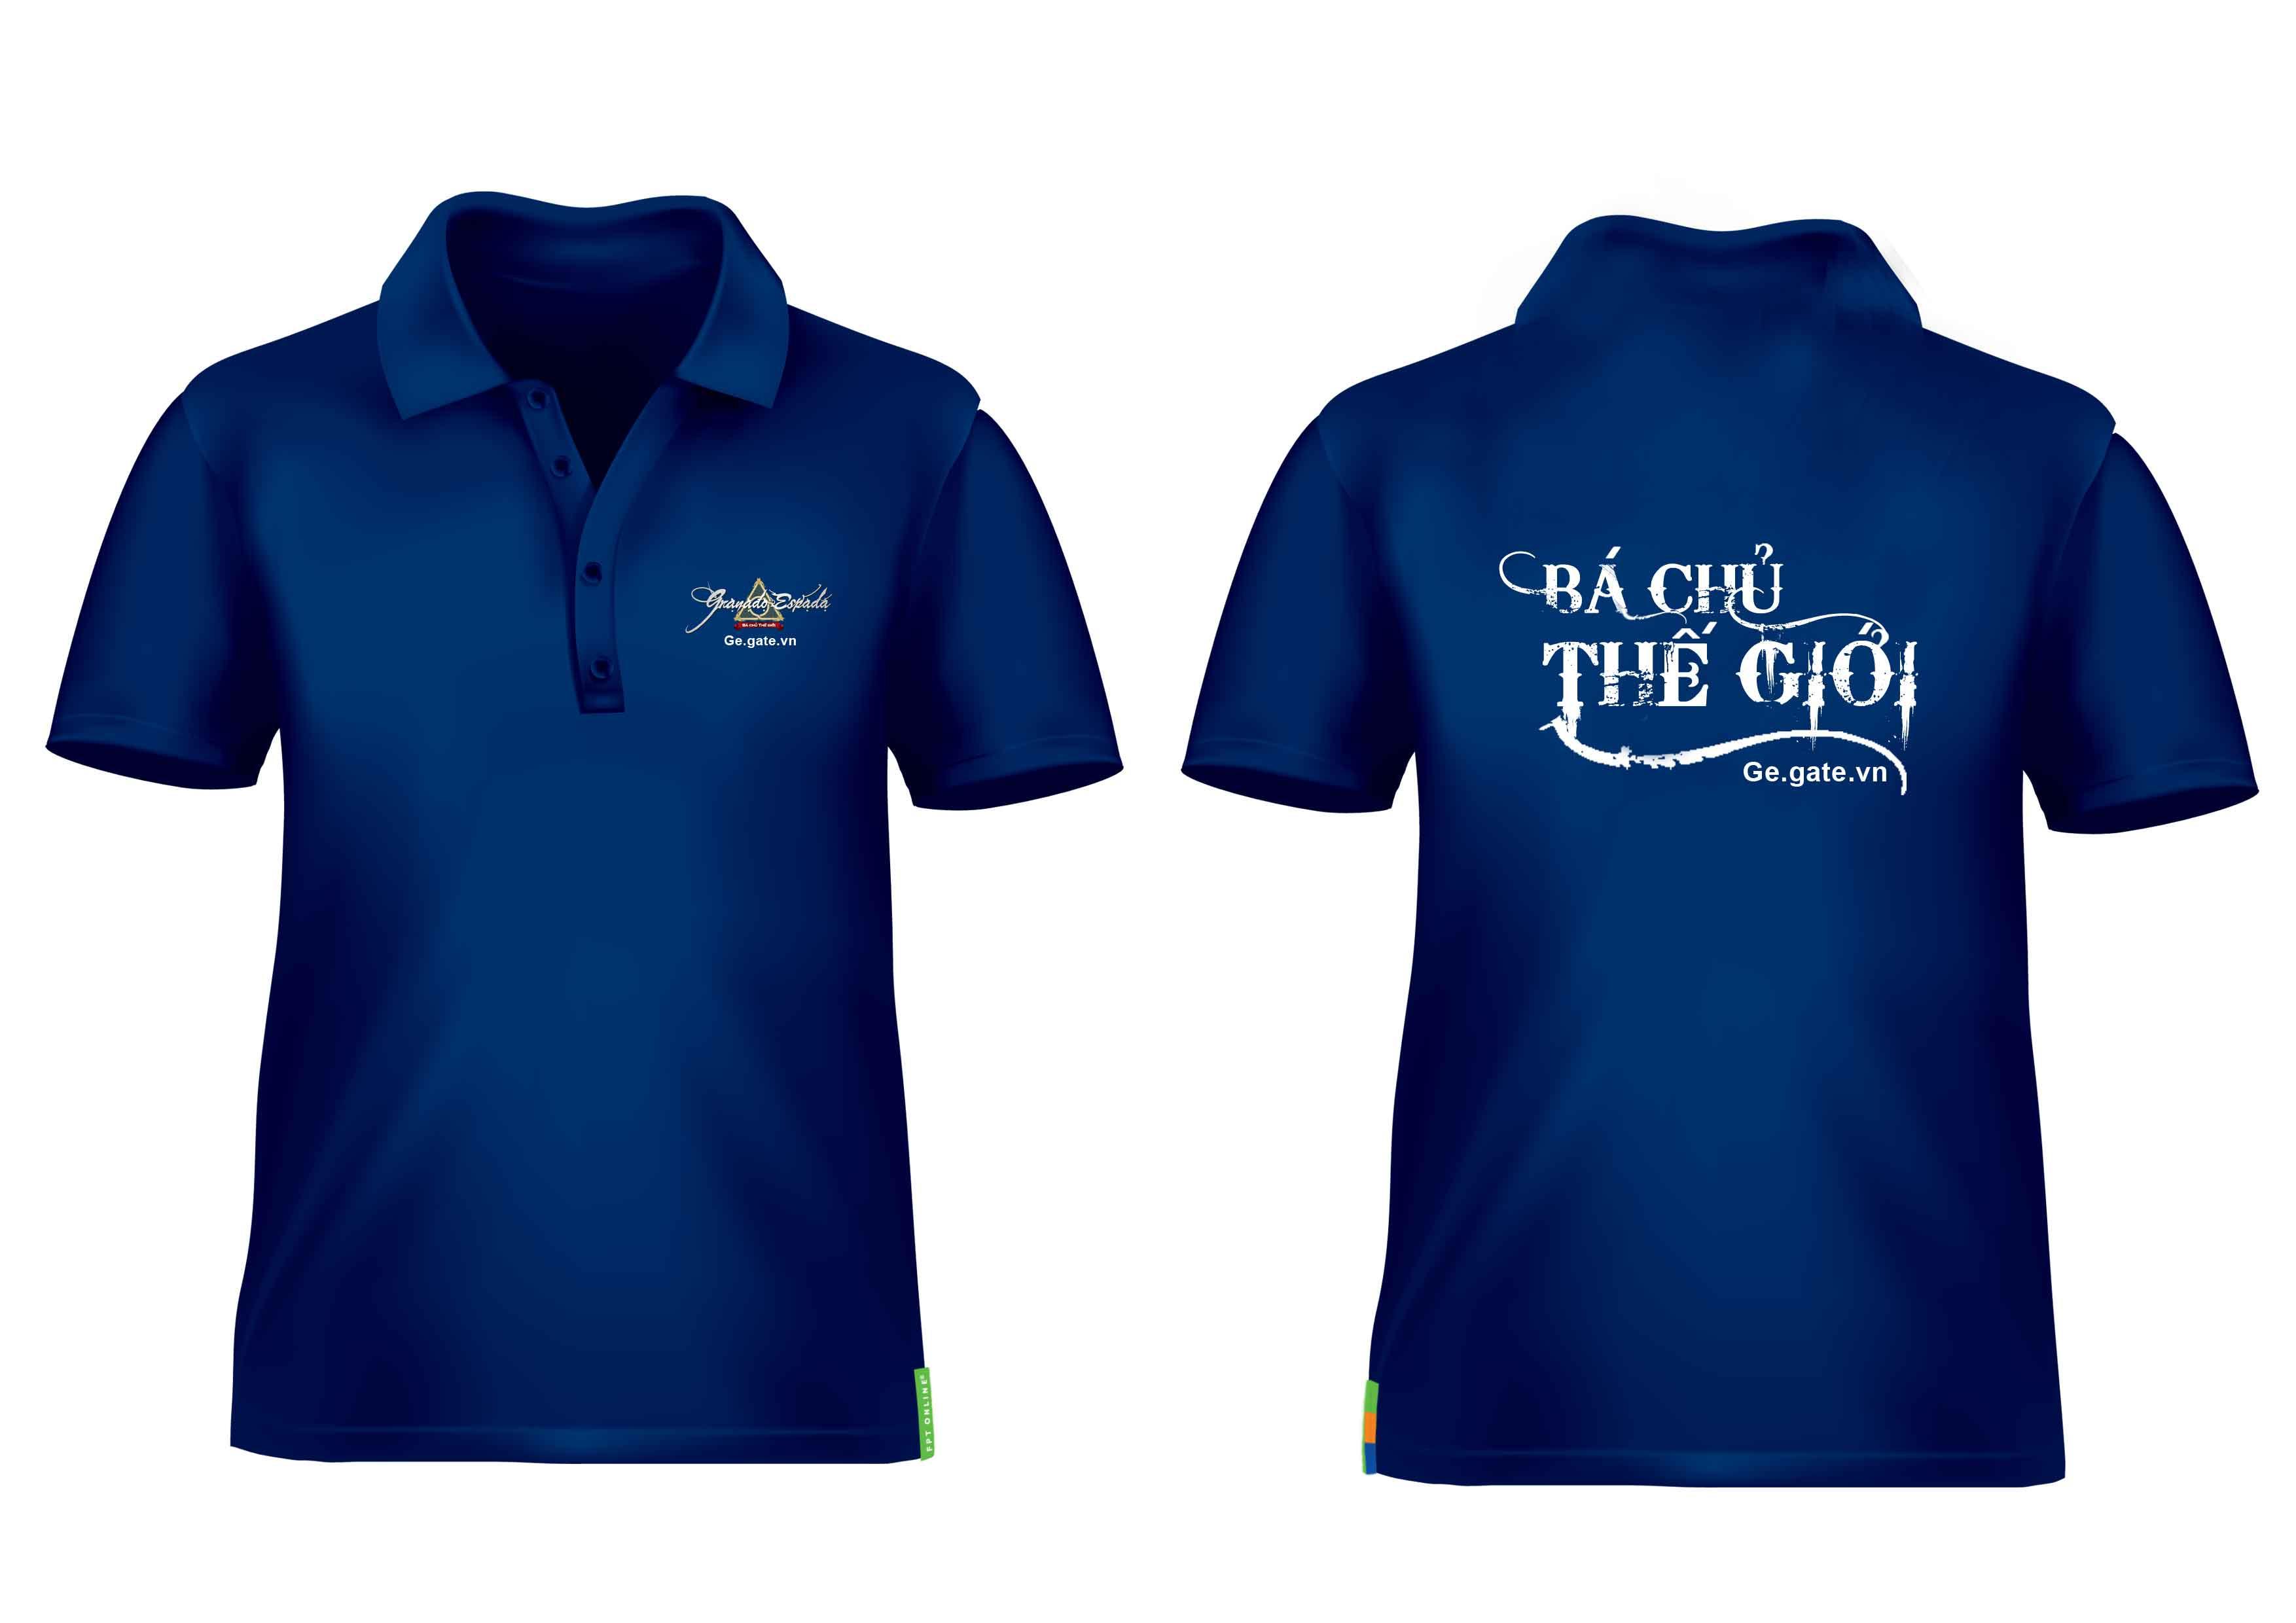 Công Ty Phú Khang Chuyên may áo thun và in áo thun quảng cáo giá rẻ: – Áo thun đồng phục công ty – Áo thun ,sự kiện quảng cáo